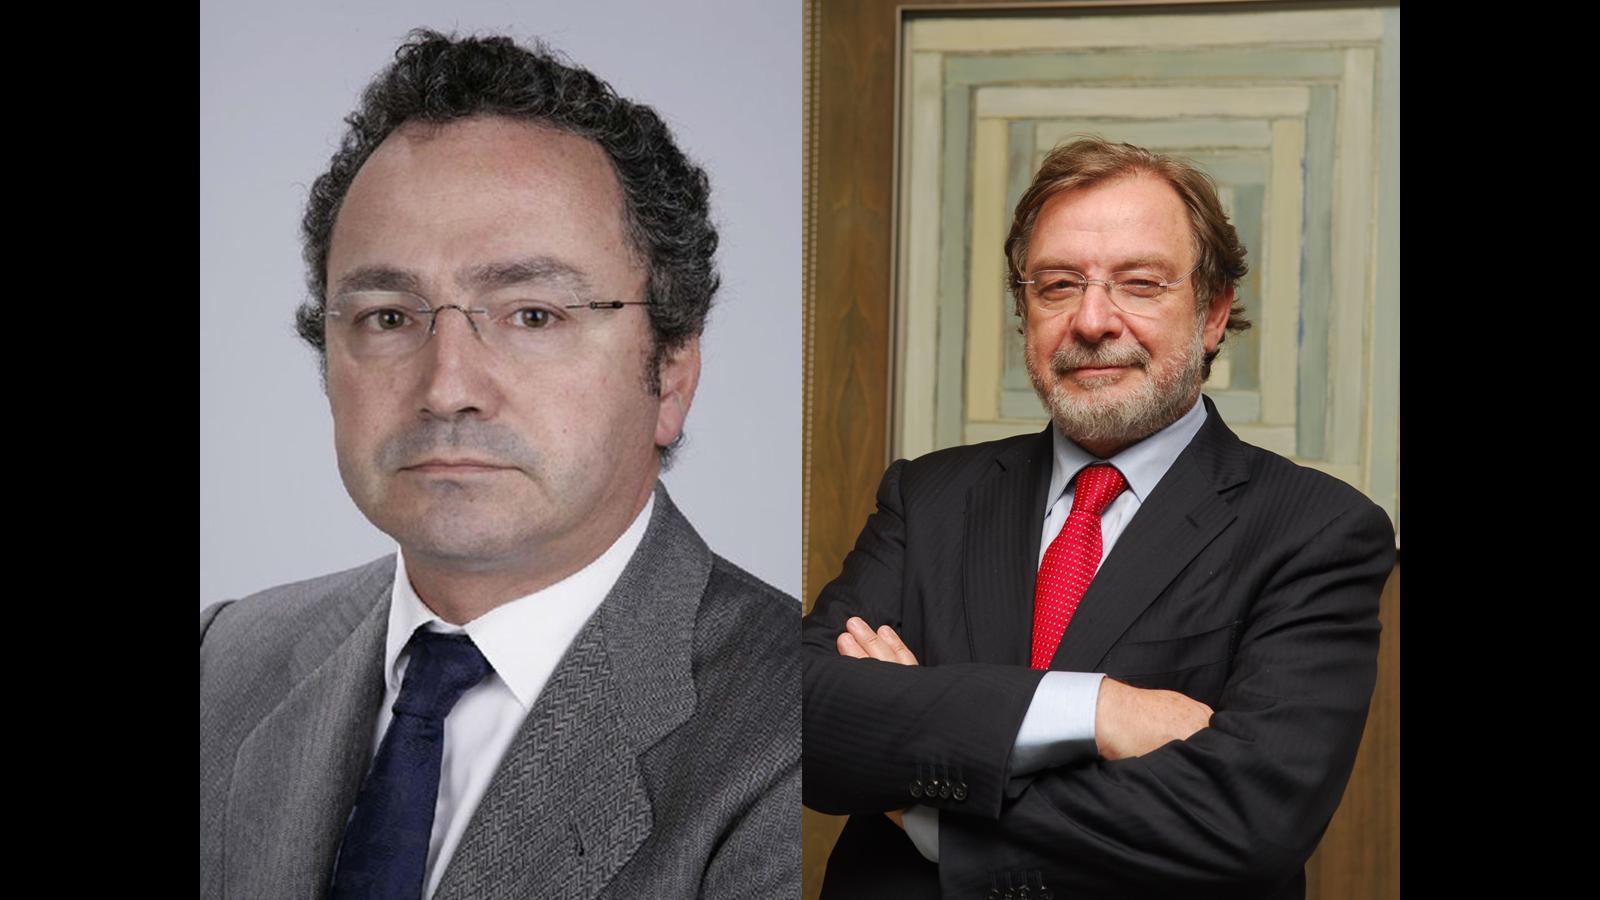 Manuel Polanco sustituirá a Juan Luis Cebrián al frente de Prisa en 2018